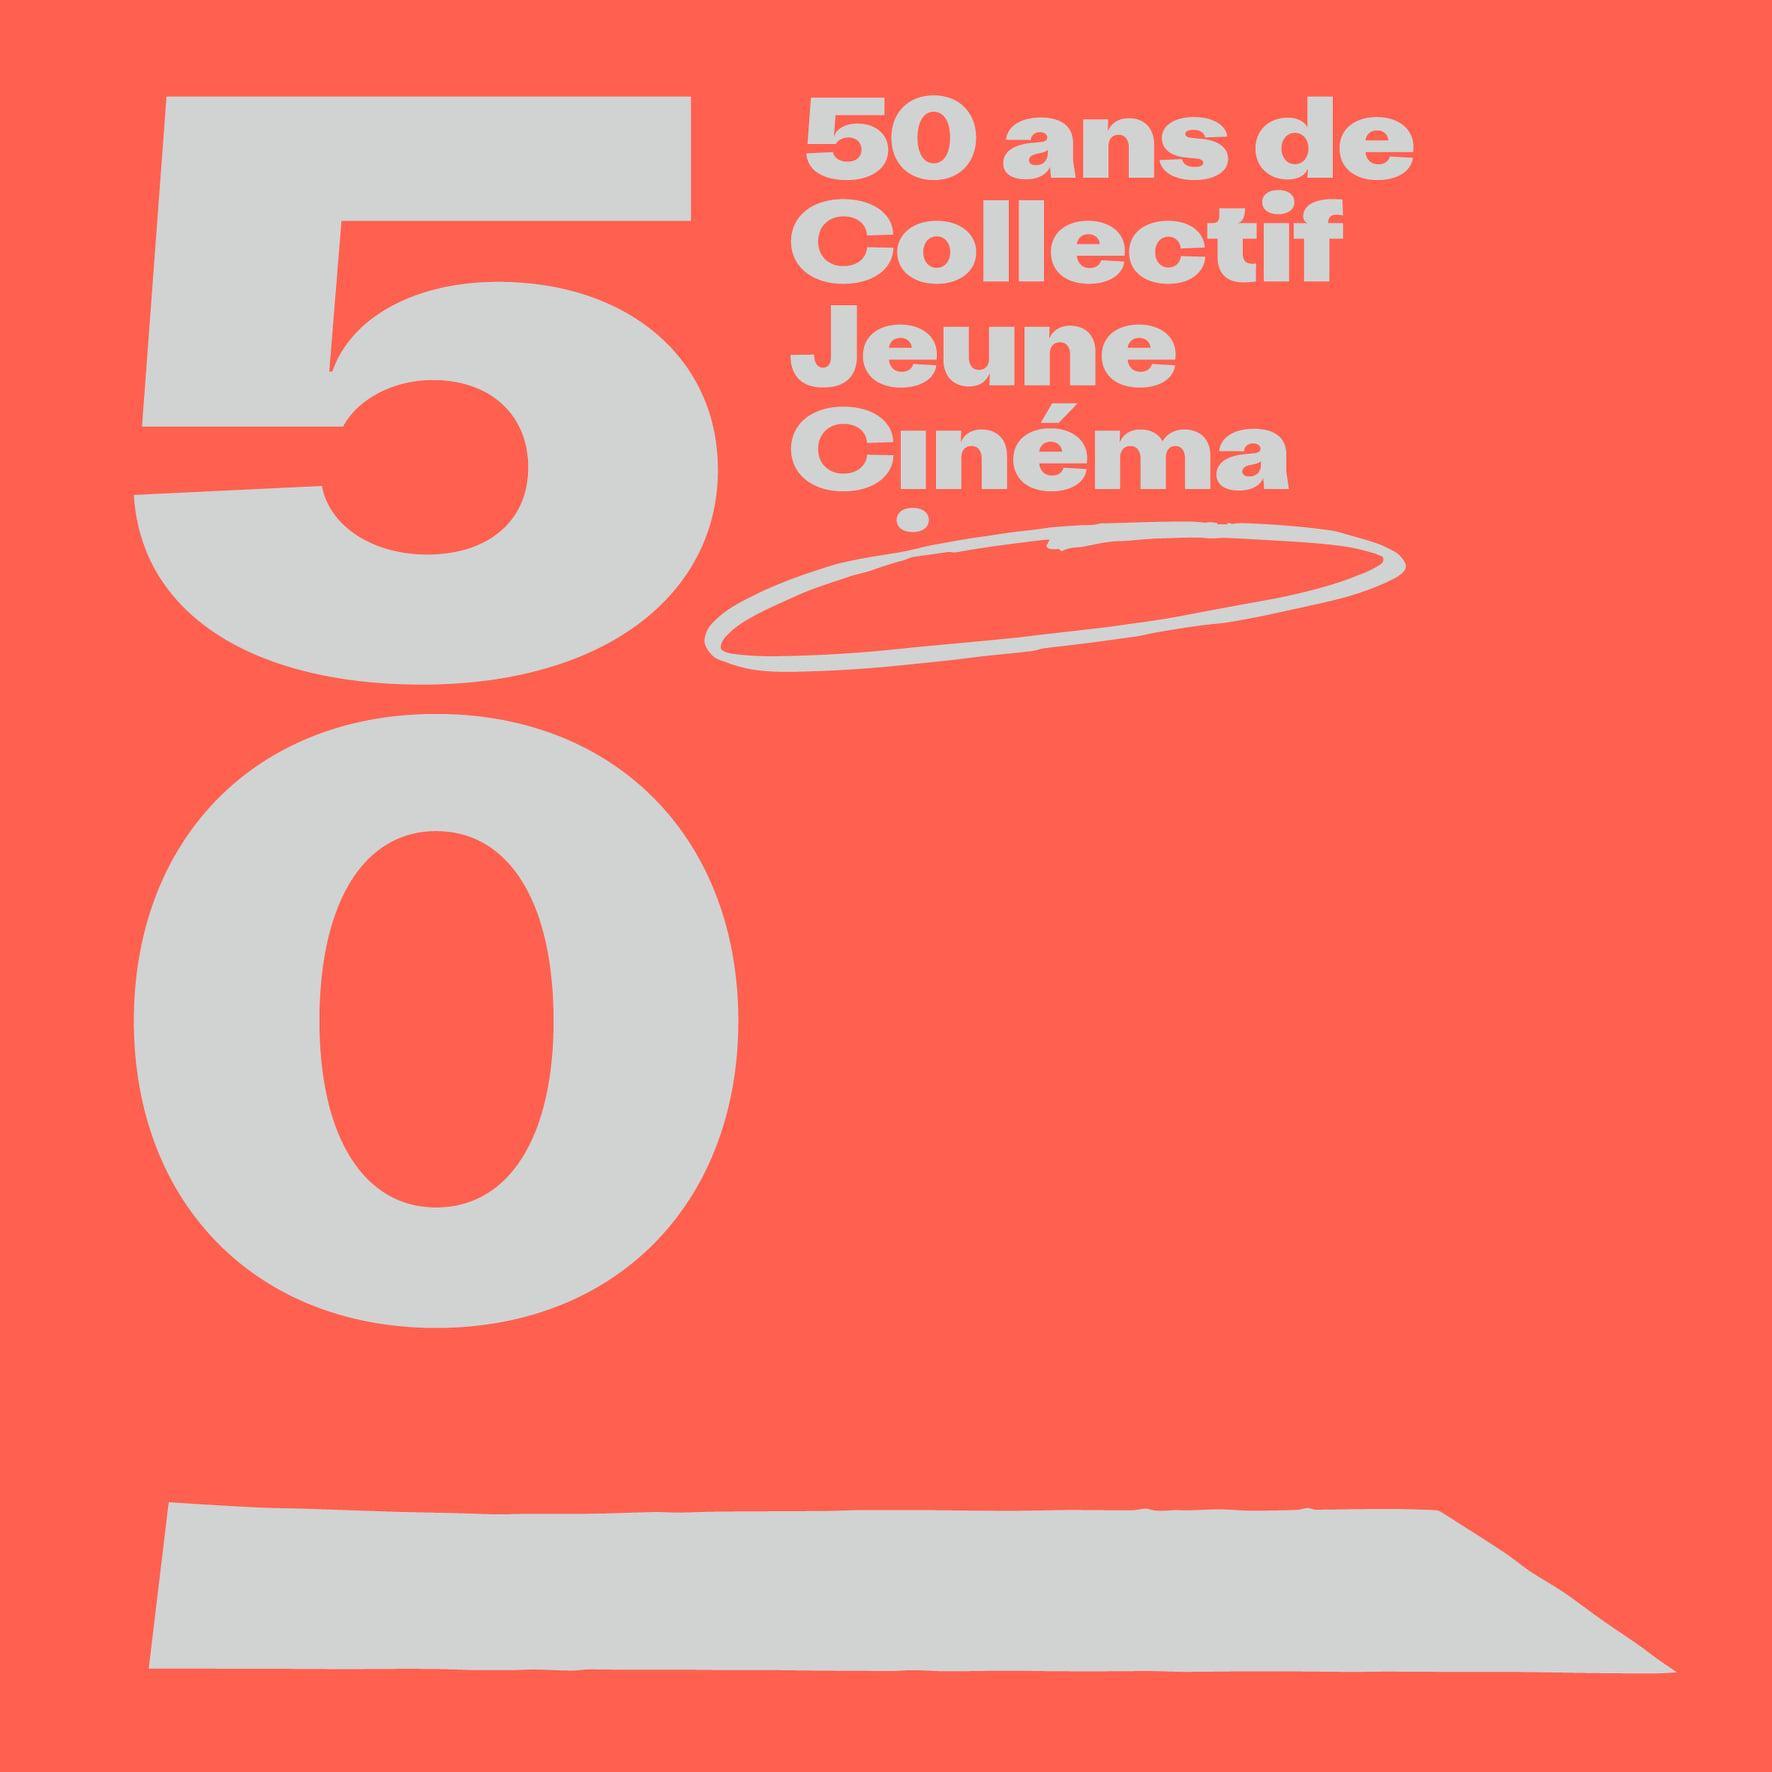 #CJC50 /50 ANS DE COLLECTIF JEUNE CINÉMA  #CJC50  #50 YEARS OF COLLECTIF JEUNE CINÉMA